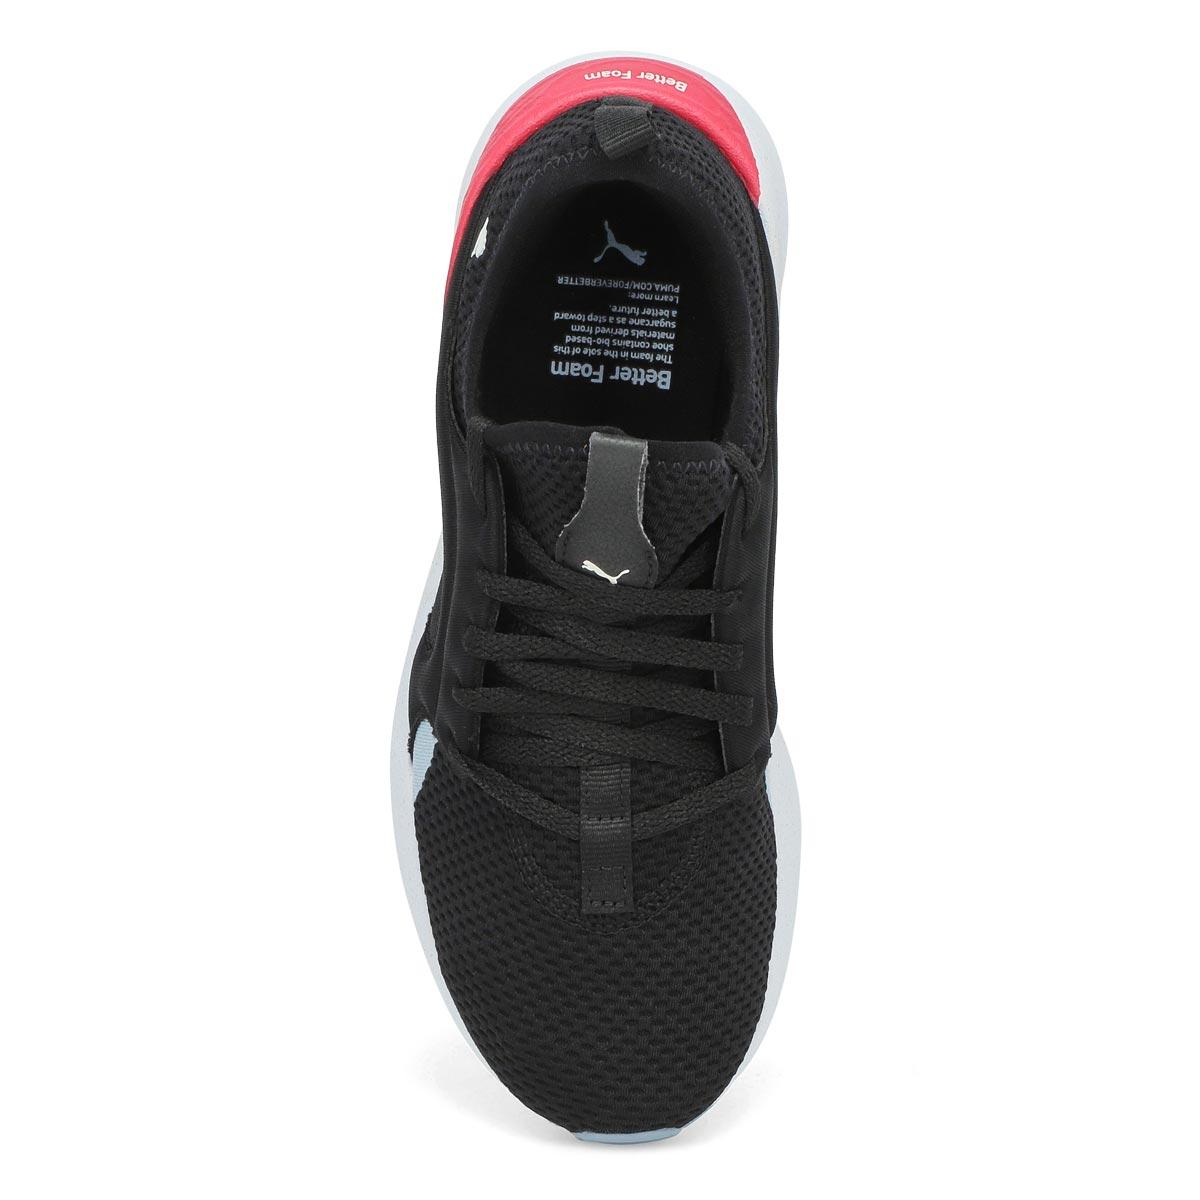 Women's Better Foam Adore Sneaker - Blue Fog